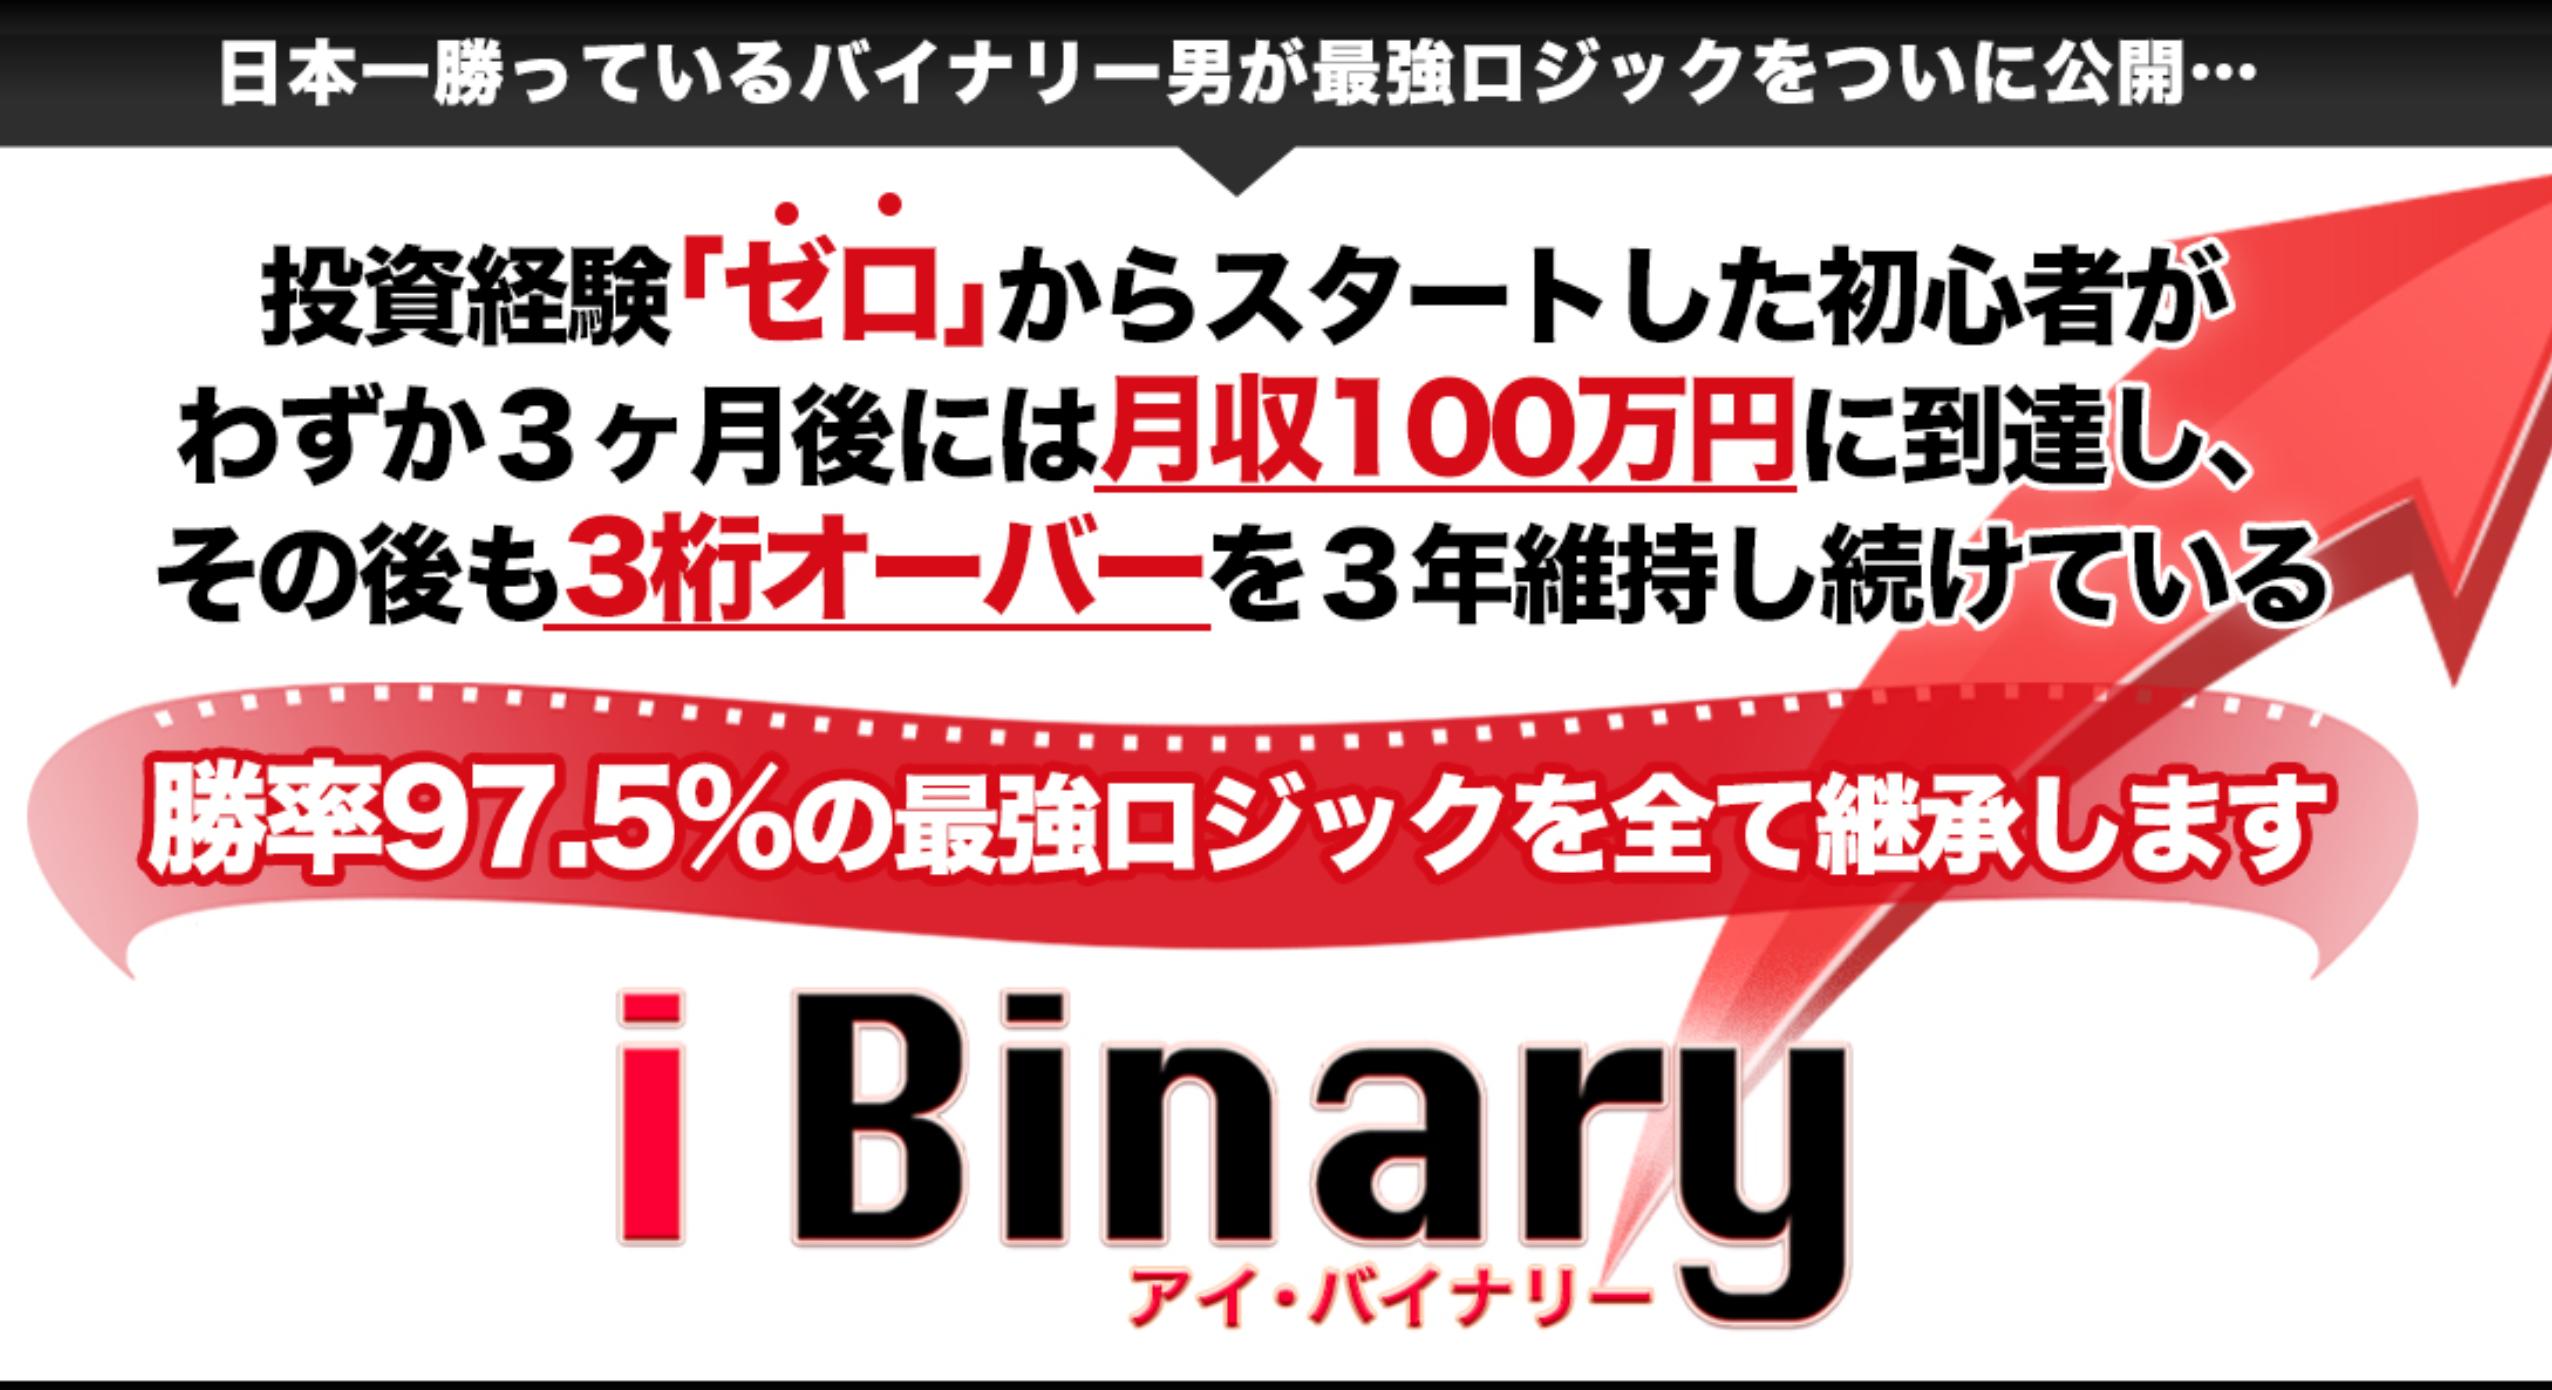 唯月りん ロイヤリティ+クリマップ5